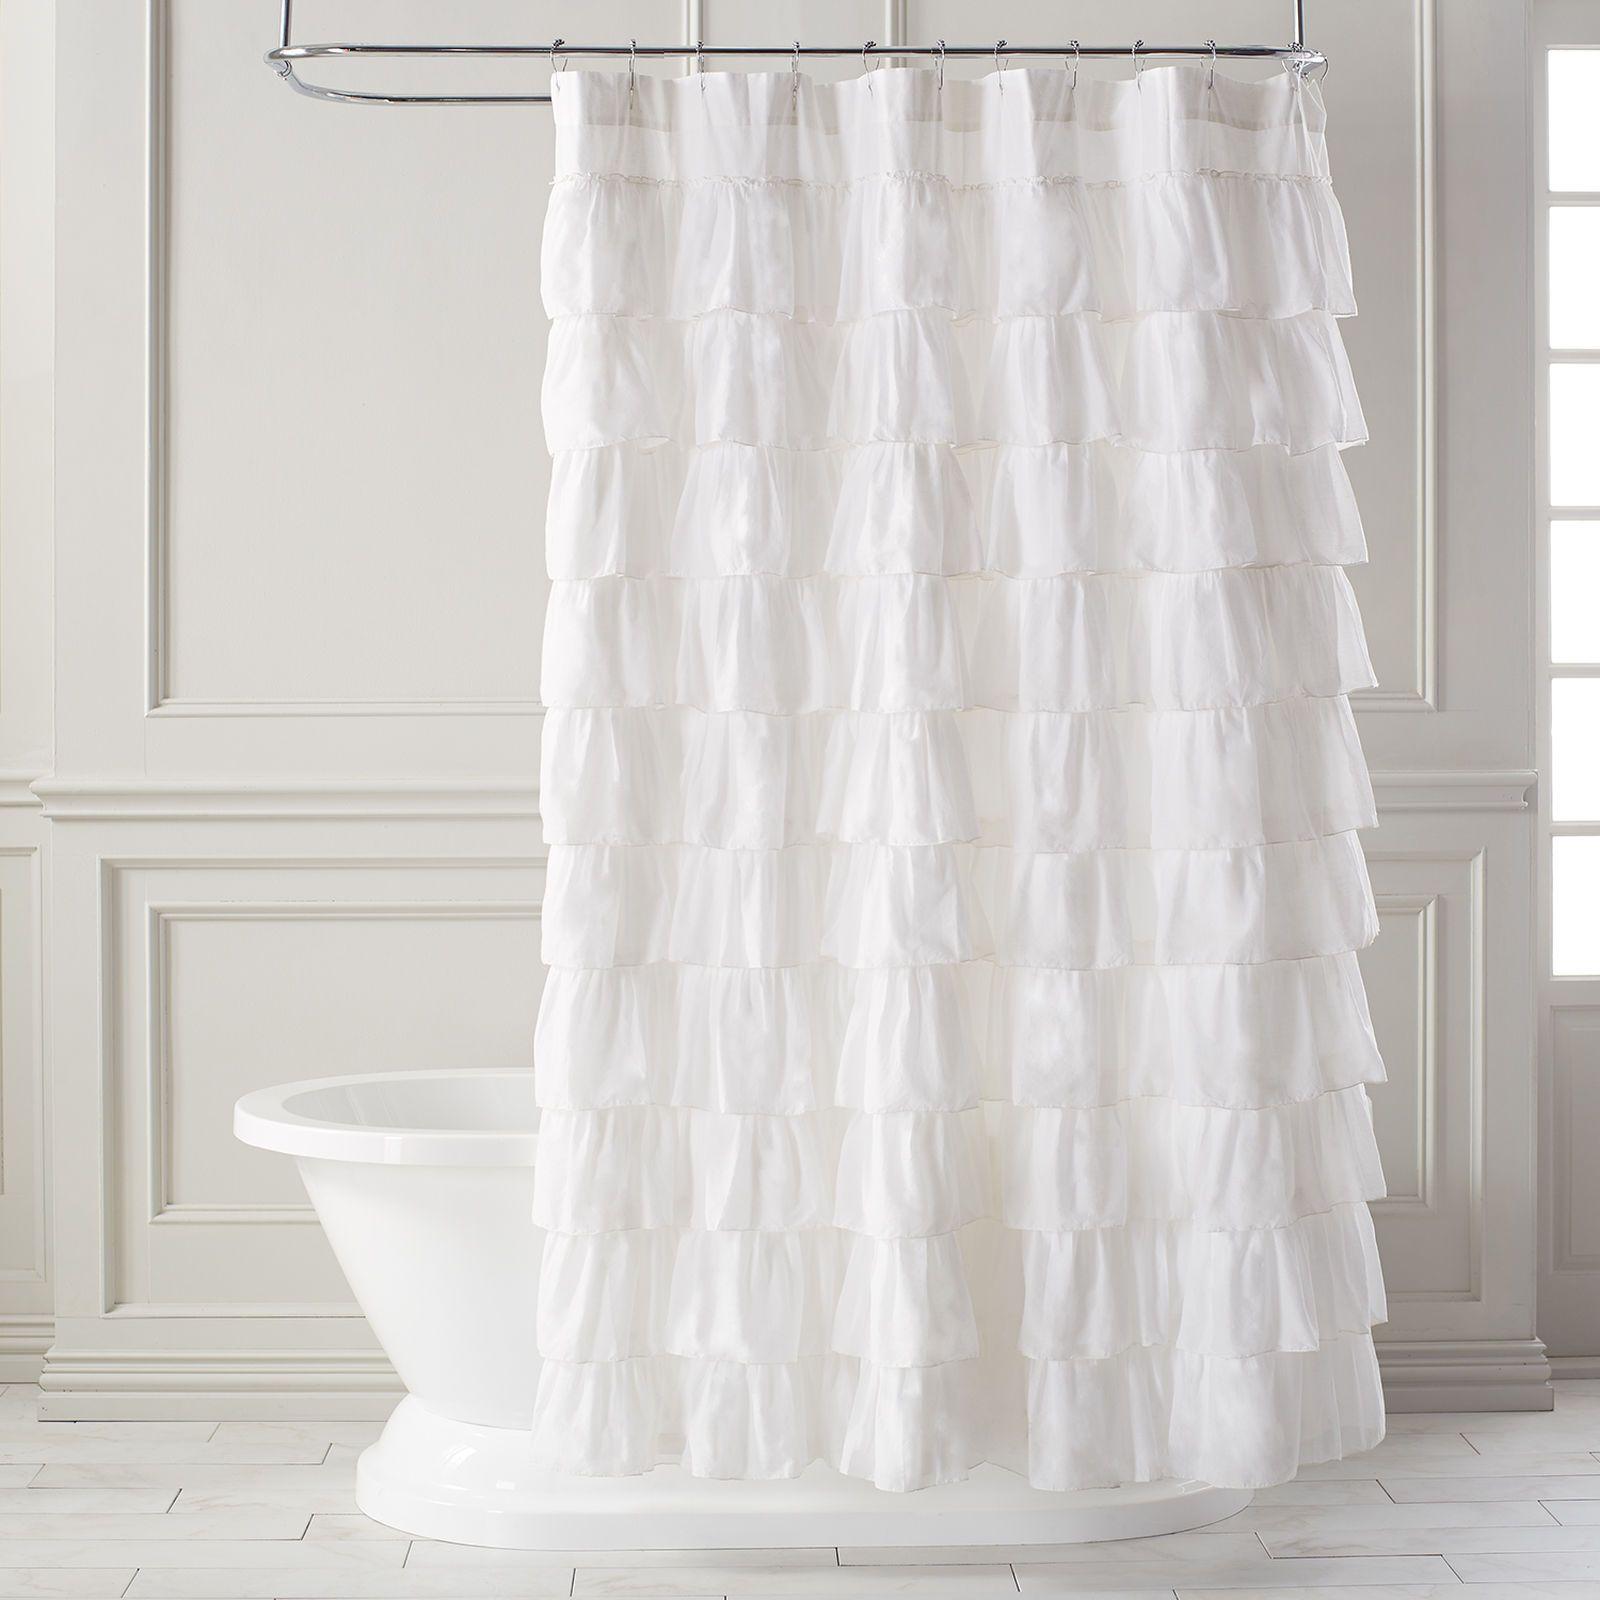 Ruffled white shower curtain parlour bath ideas and apartments